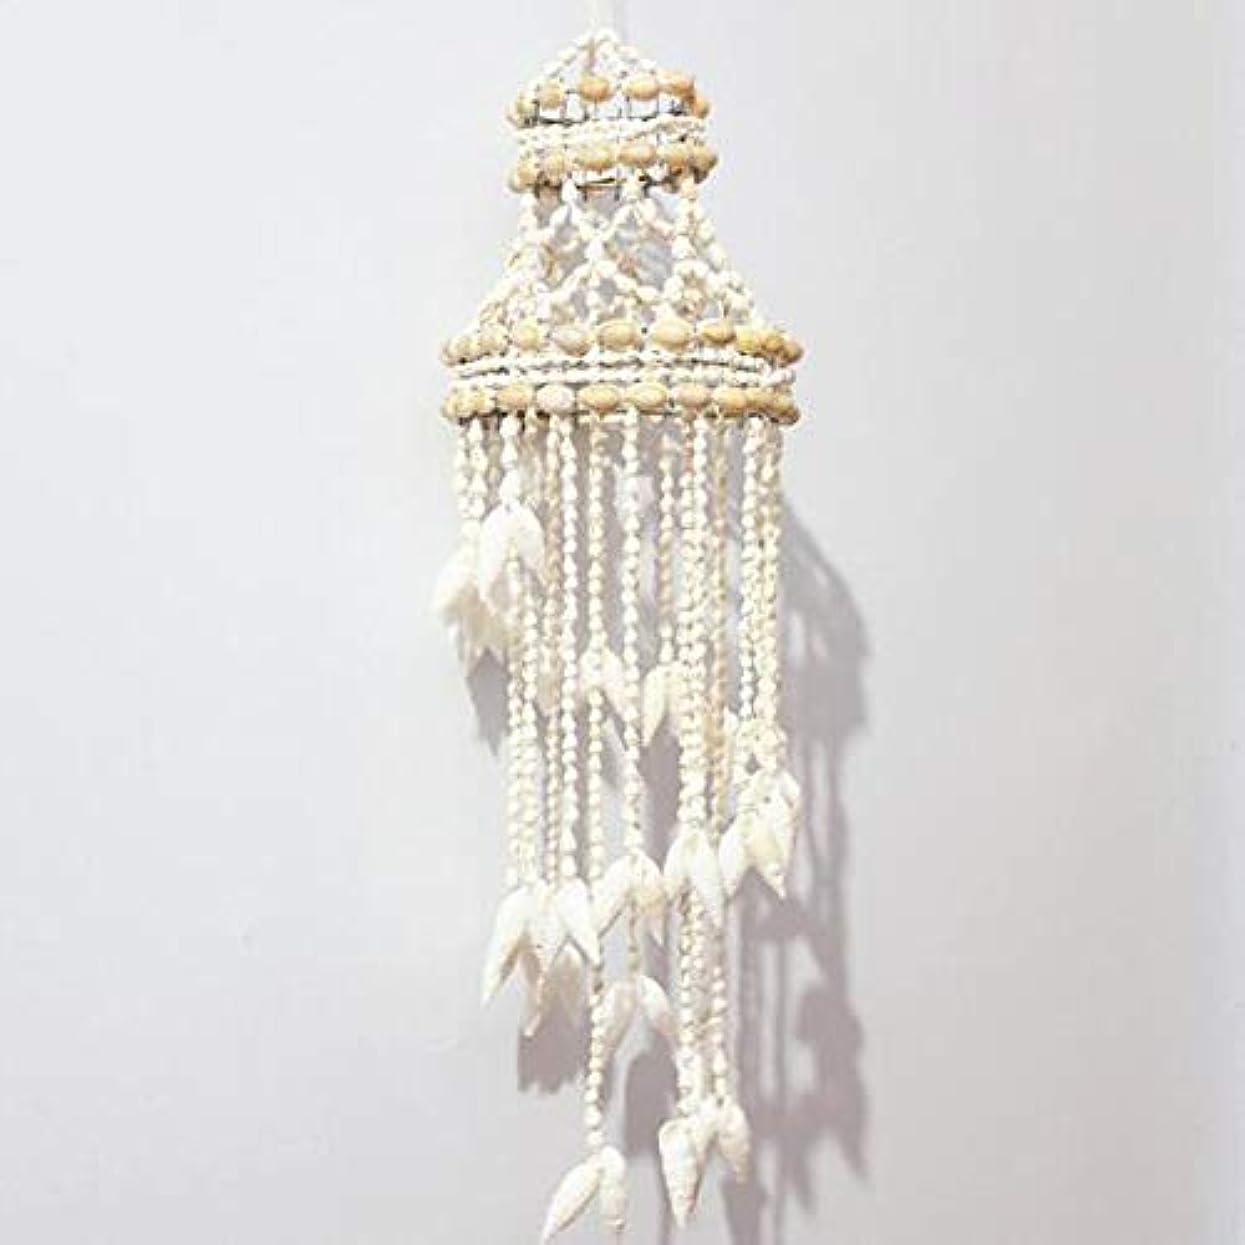 オートマトン表面マークHongyushanghang 風チャイム、ナチュラル手作りシェル風の鐘、ホワイト、約長さ50cm,、ジュエリークリエイティブホリデーギフトを掛ける (Color : B)